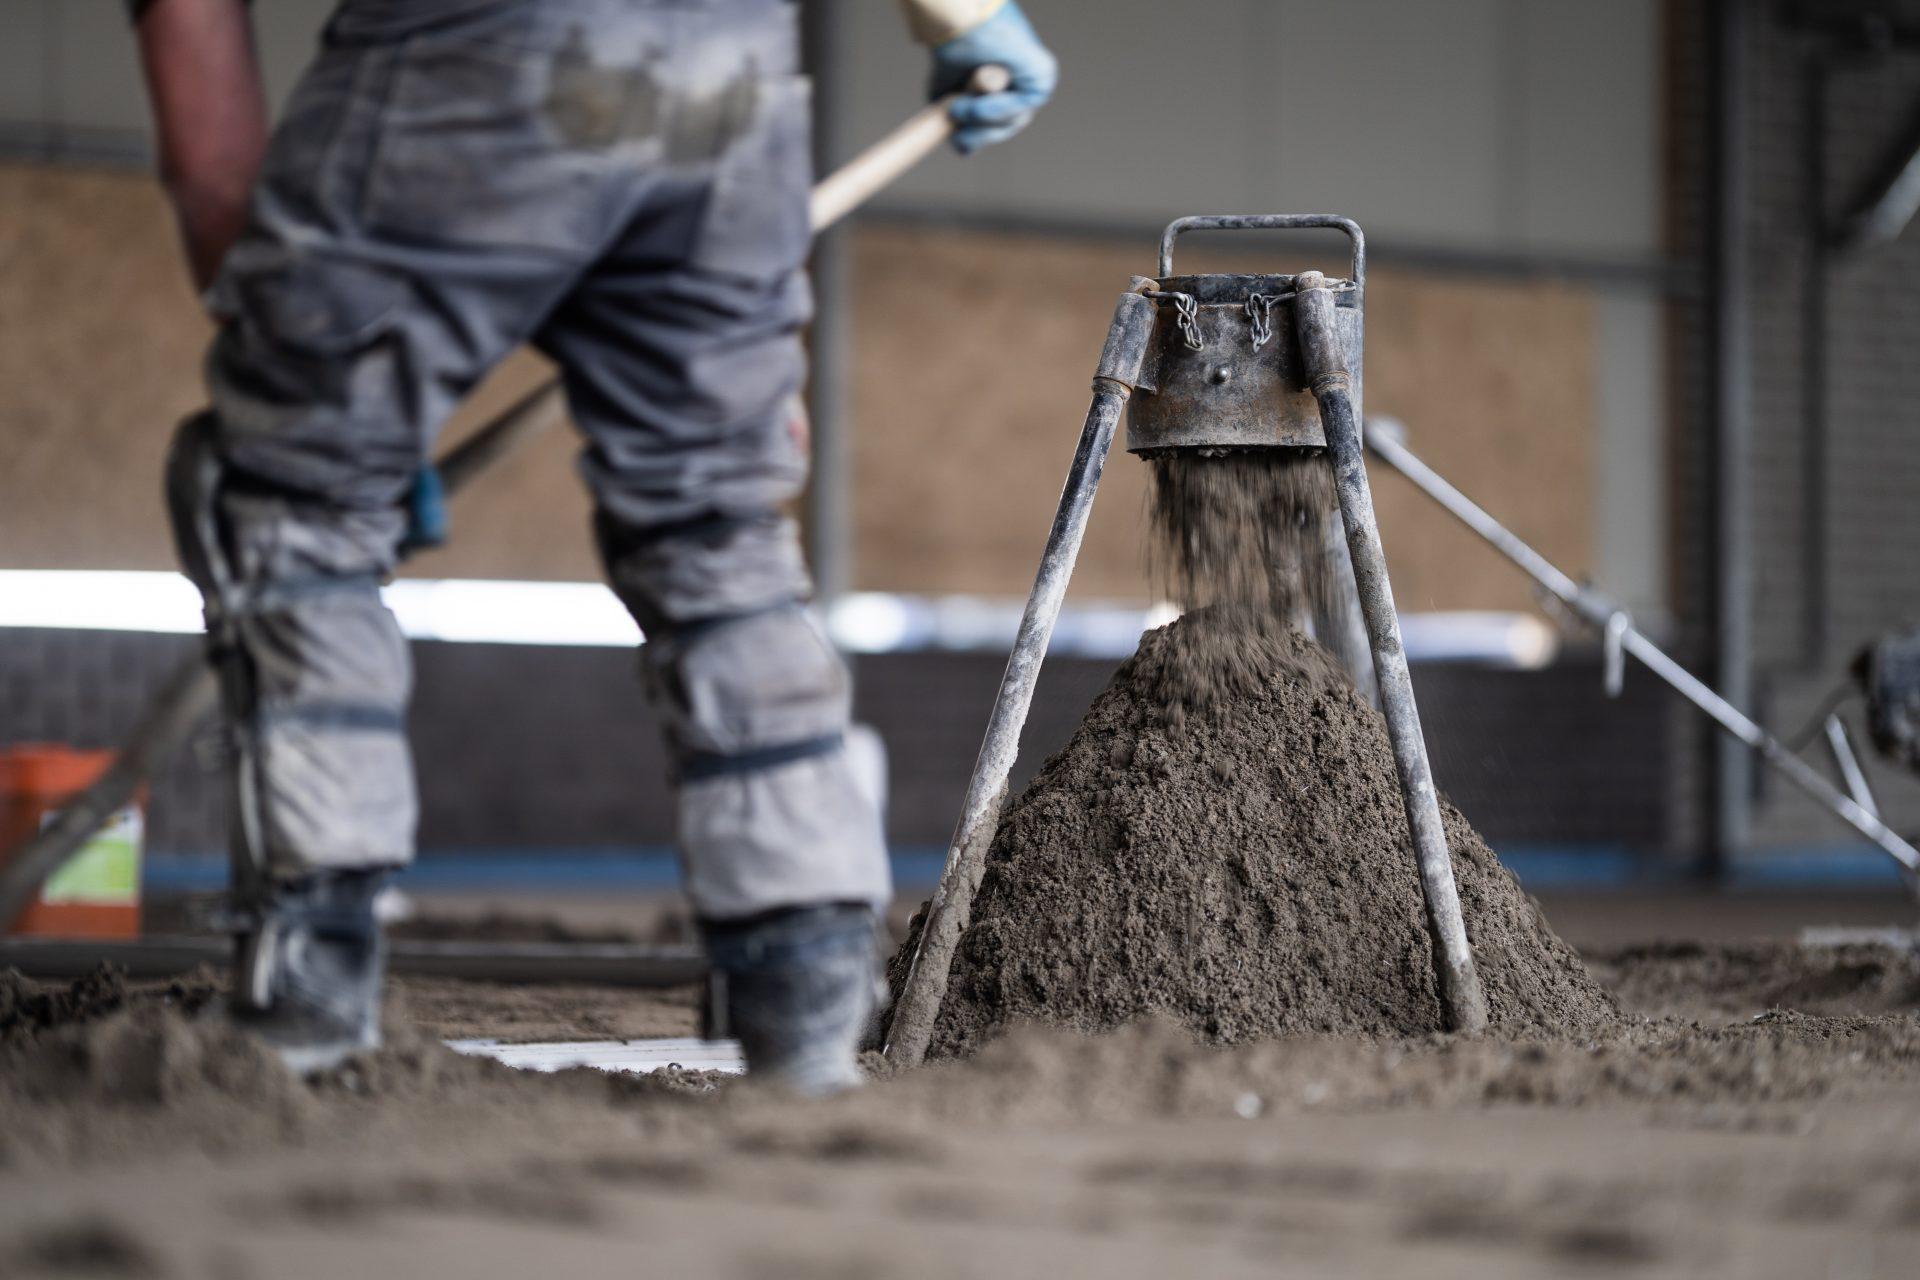 Cementdekvloer kosten